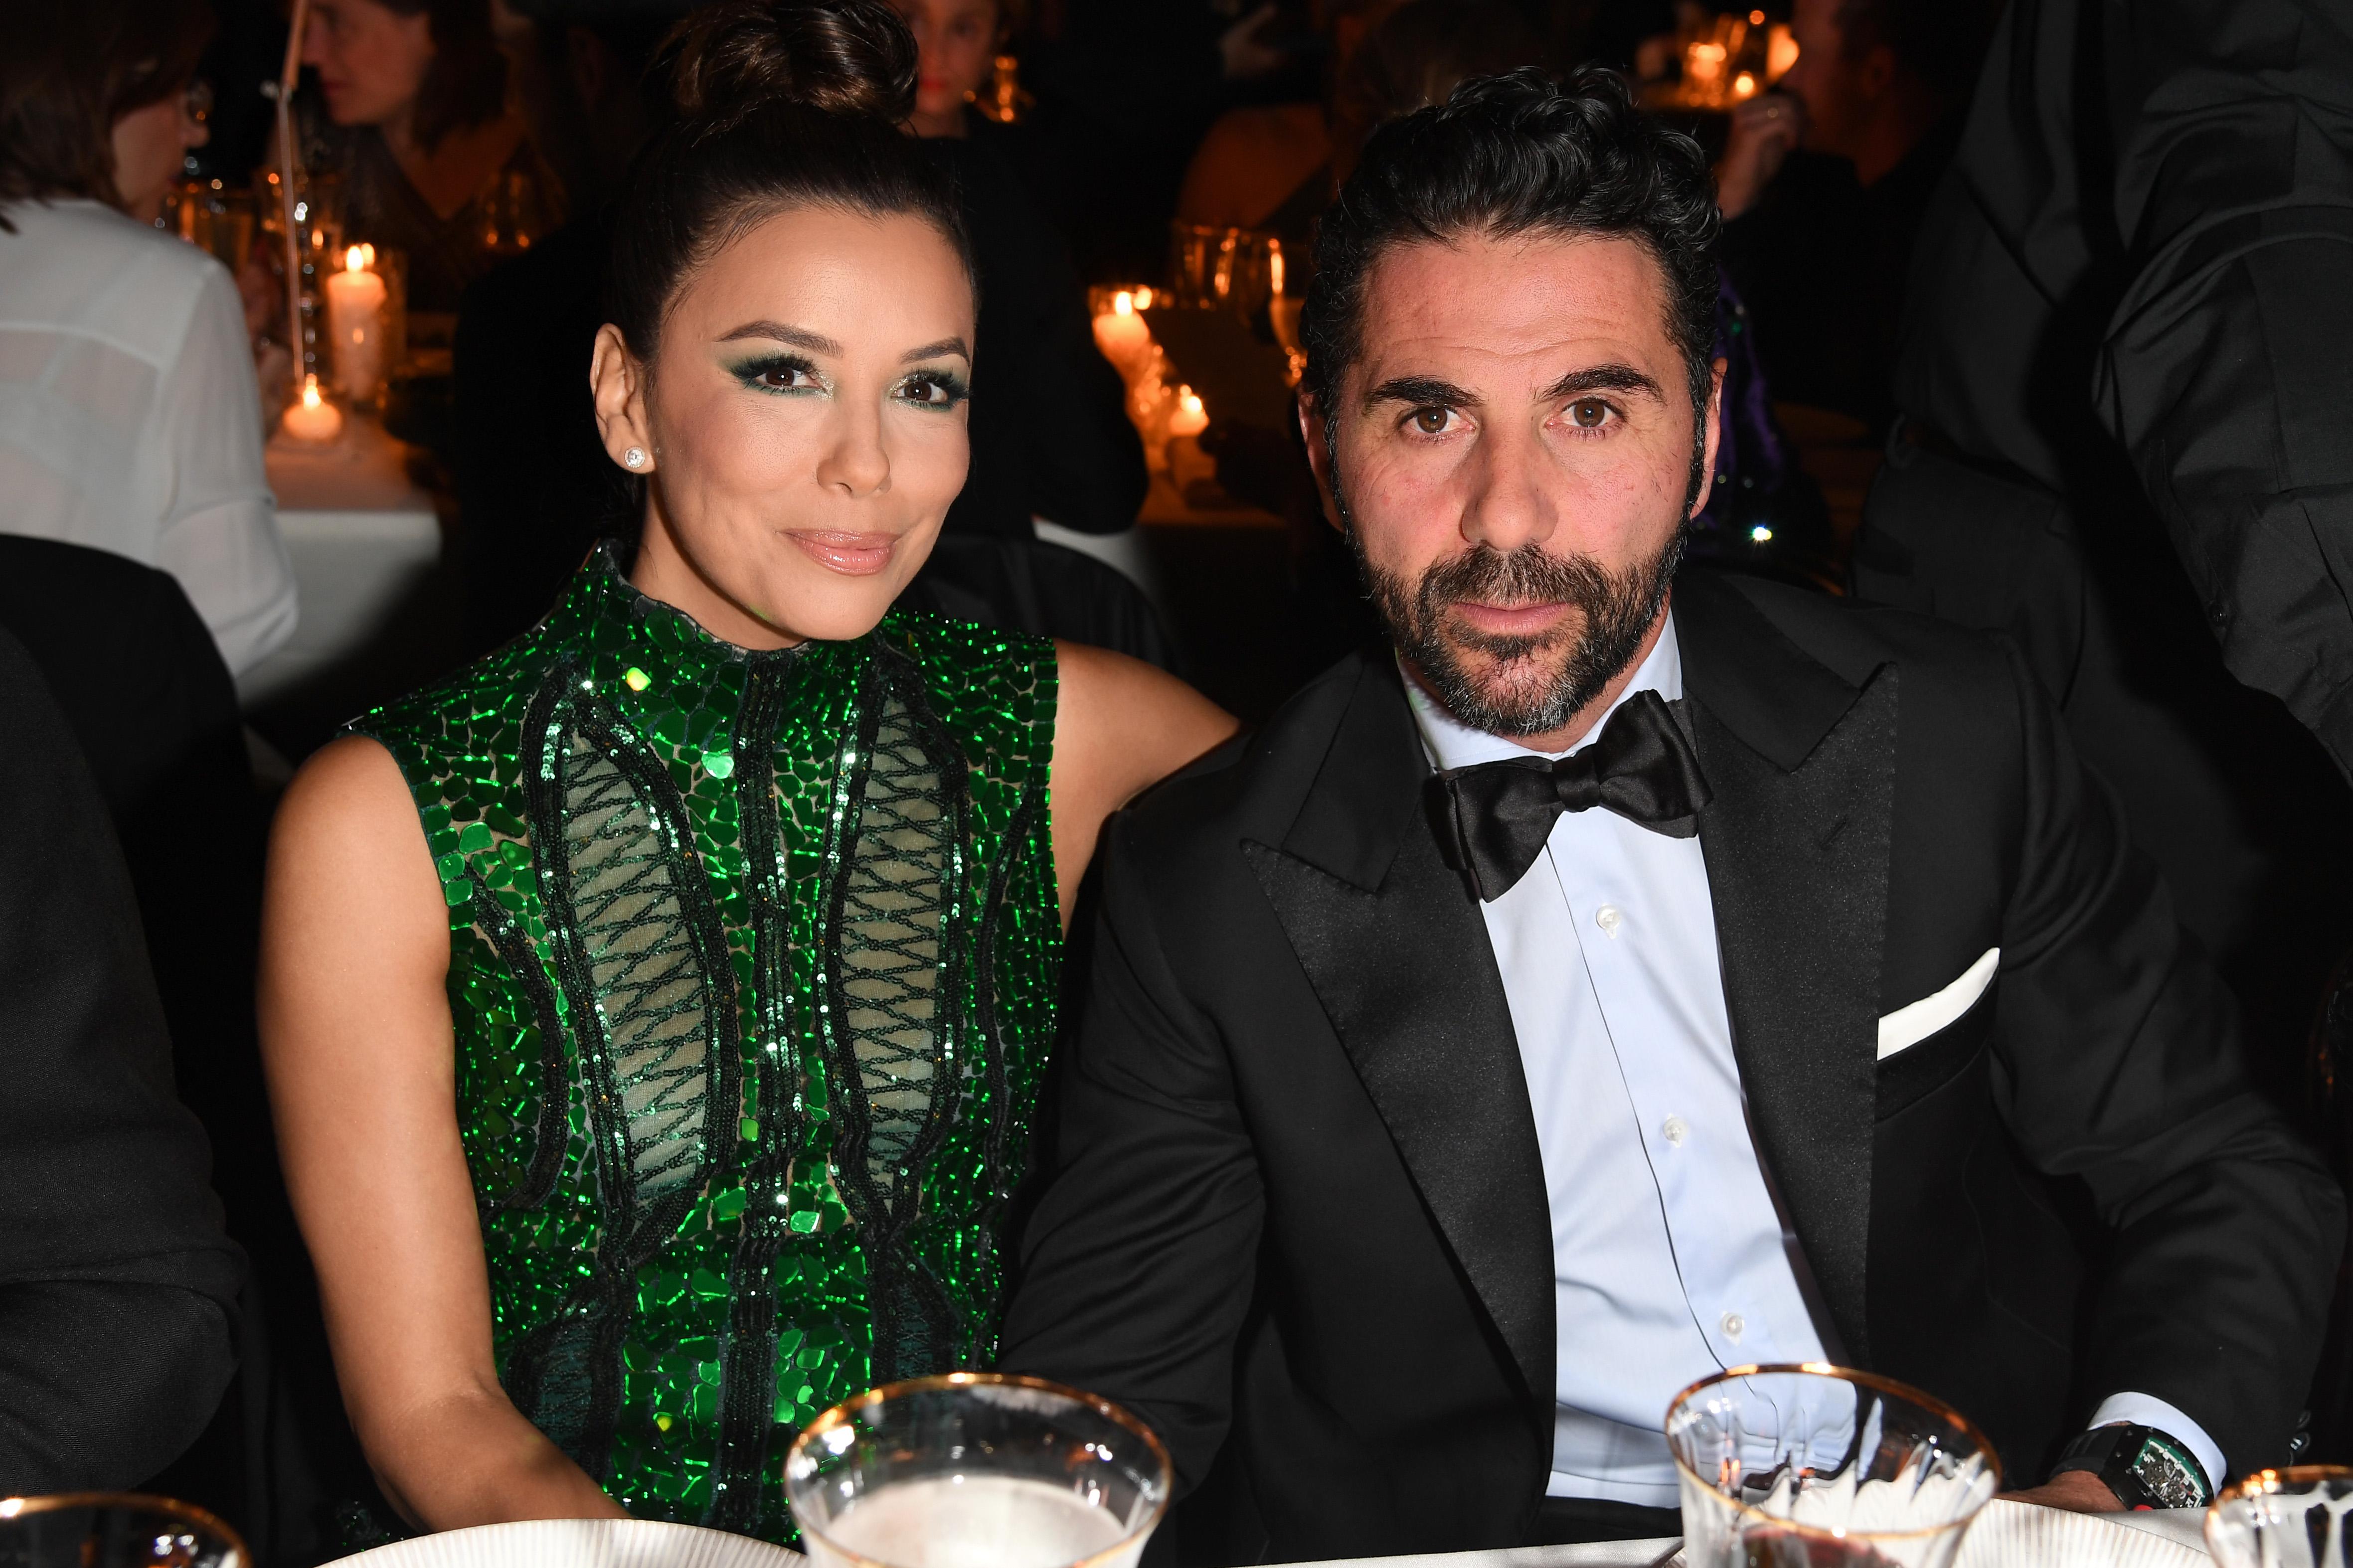 Kering And Cannes Film Festival Official Dinner - Inside Dinner